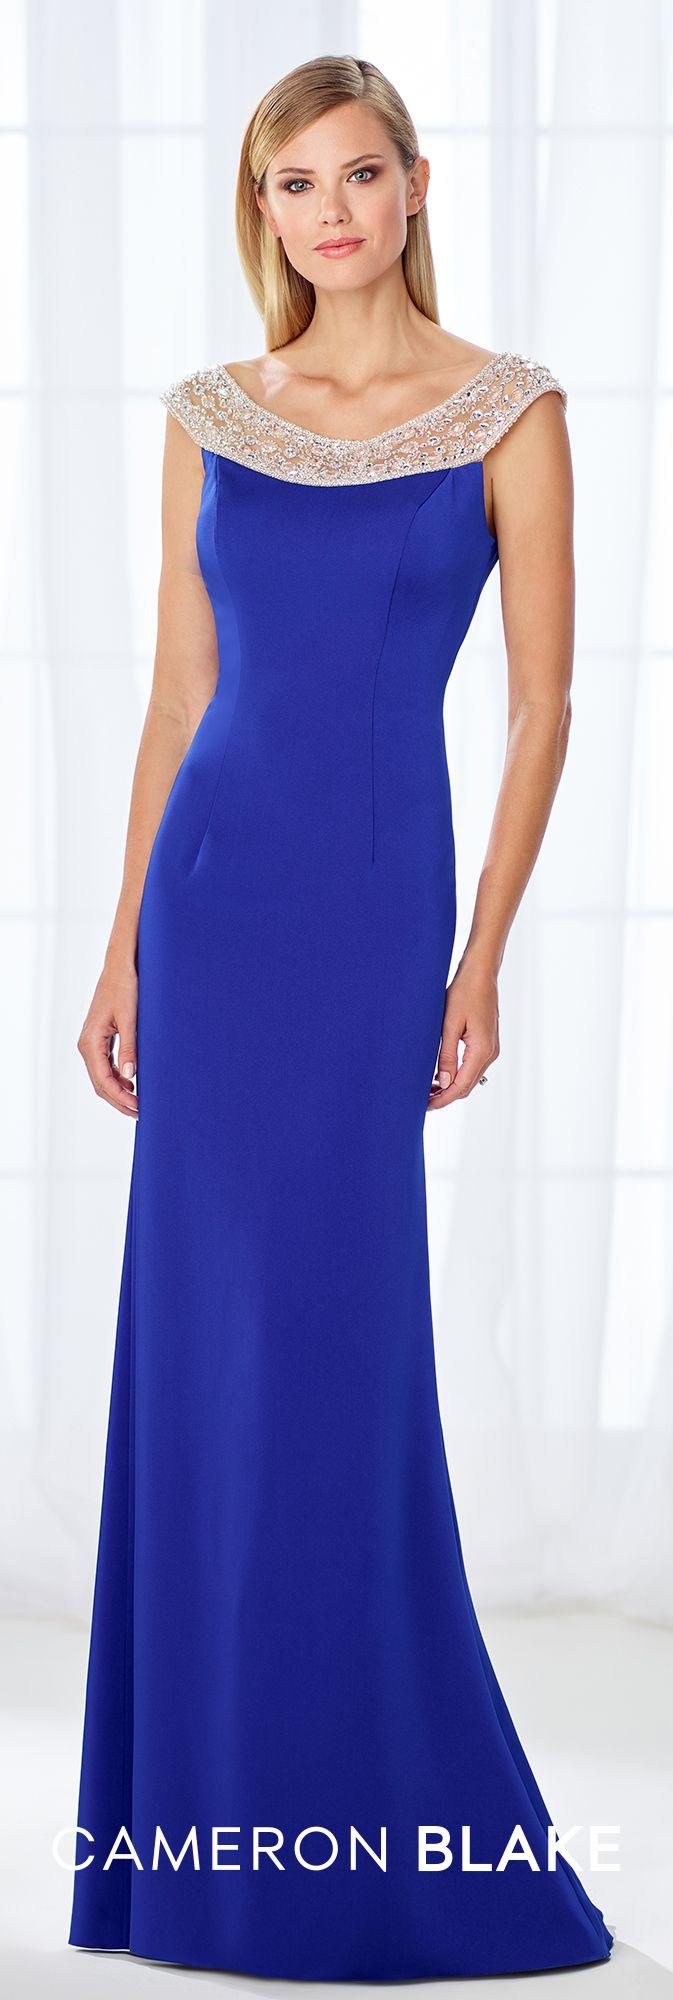 Cameron Blake - Evening Dresses - 118663 | Vestiditos, Elegante y ...